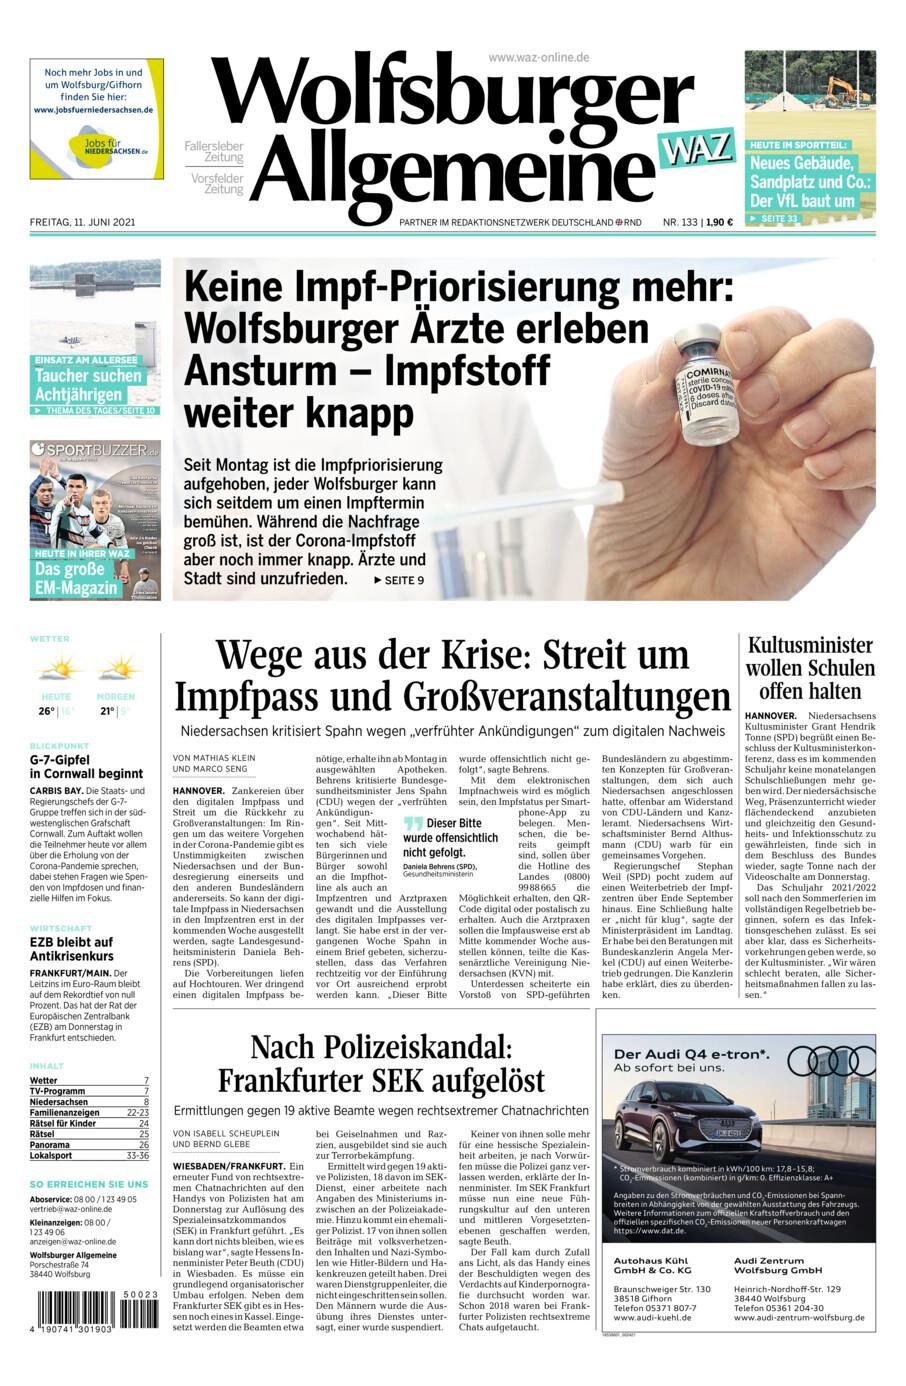 Wolfsburger Allgemeine Zeitung vom Freitag, 11.06.2021